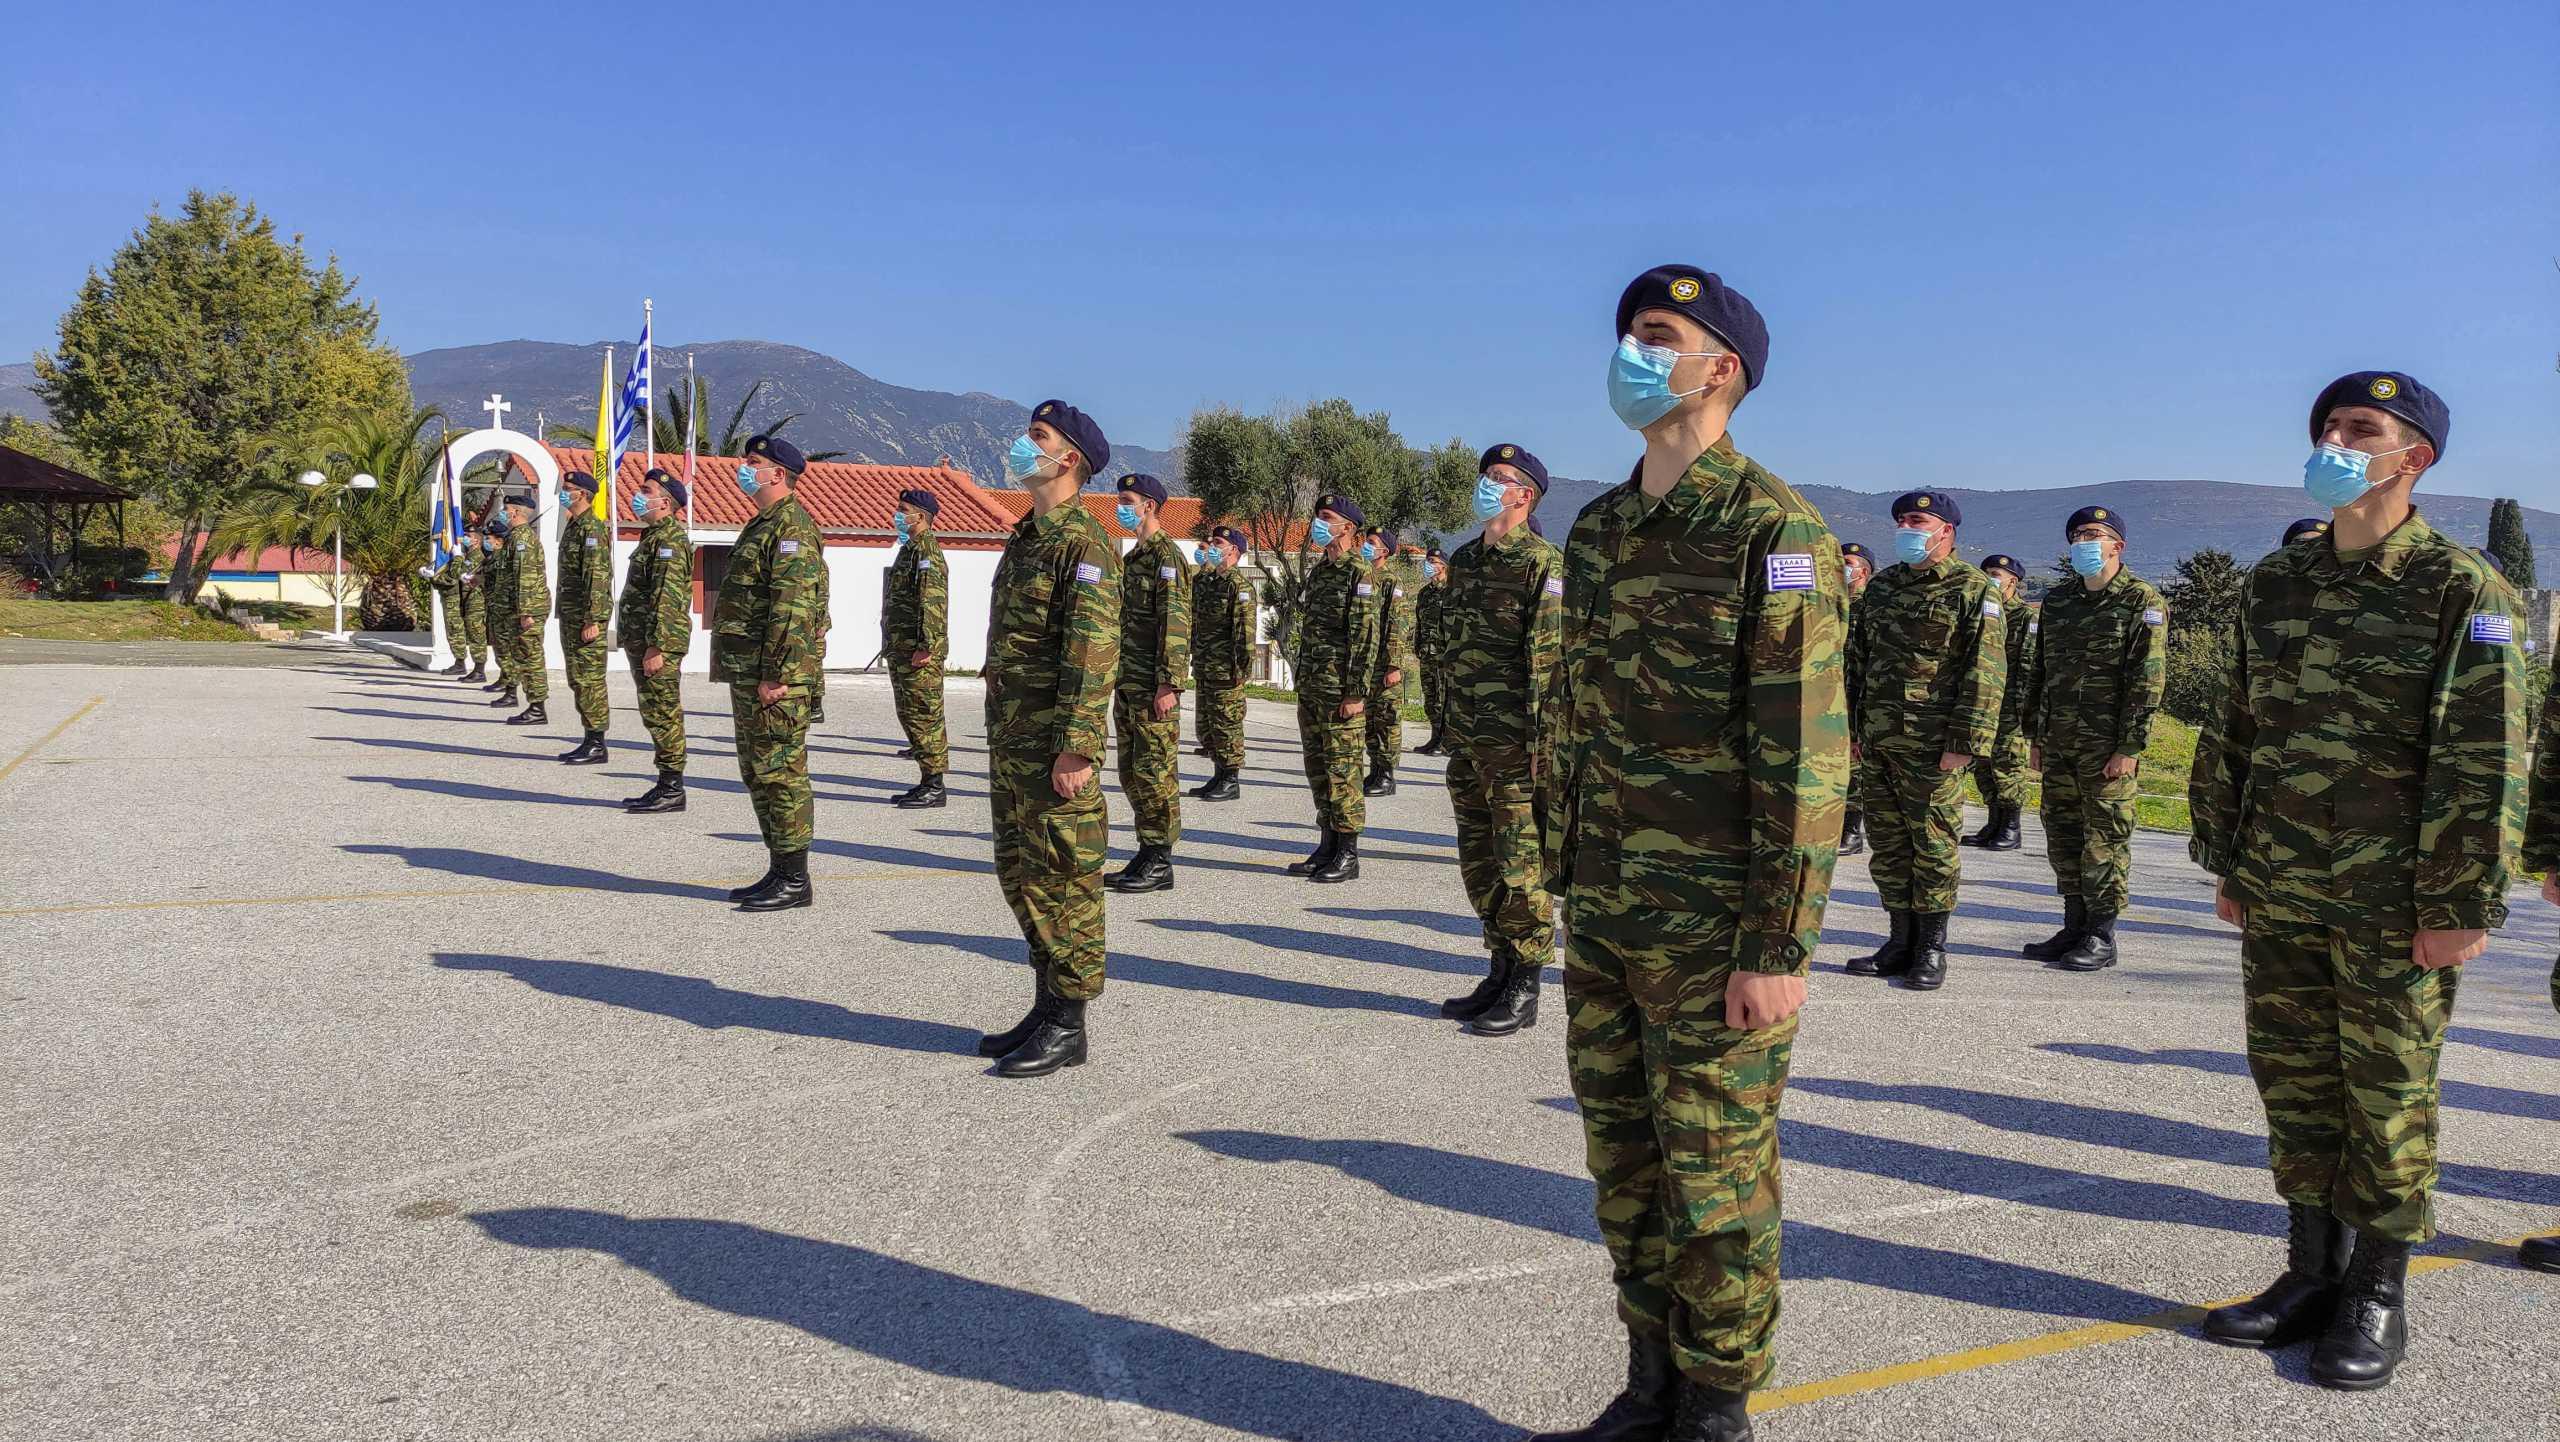 Στρατός Ξηράς: Με μοριακό τεστ Covid-19 θα γίνει η κατάταξη οπλιτών της 2021 Γ' ΕΣΣΟ